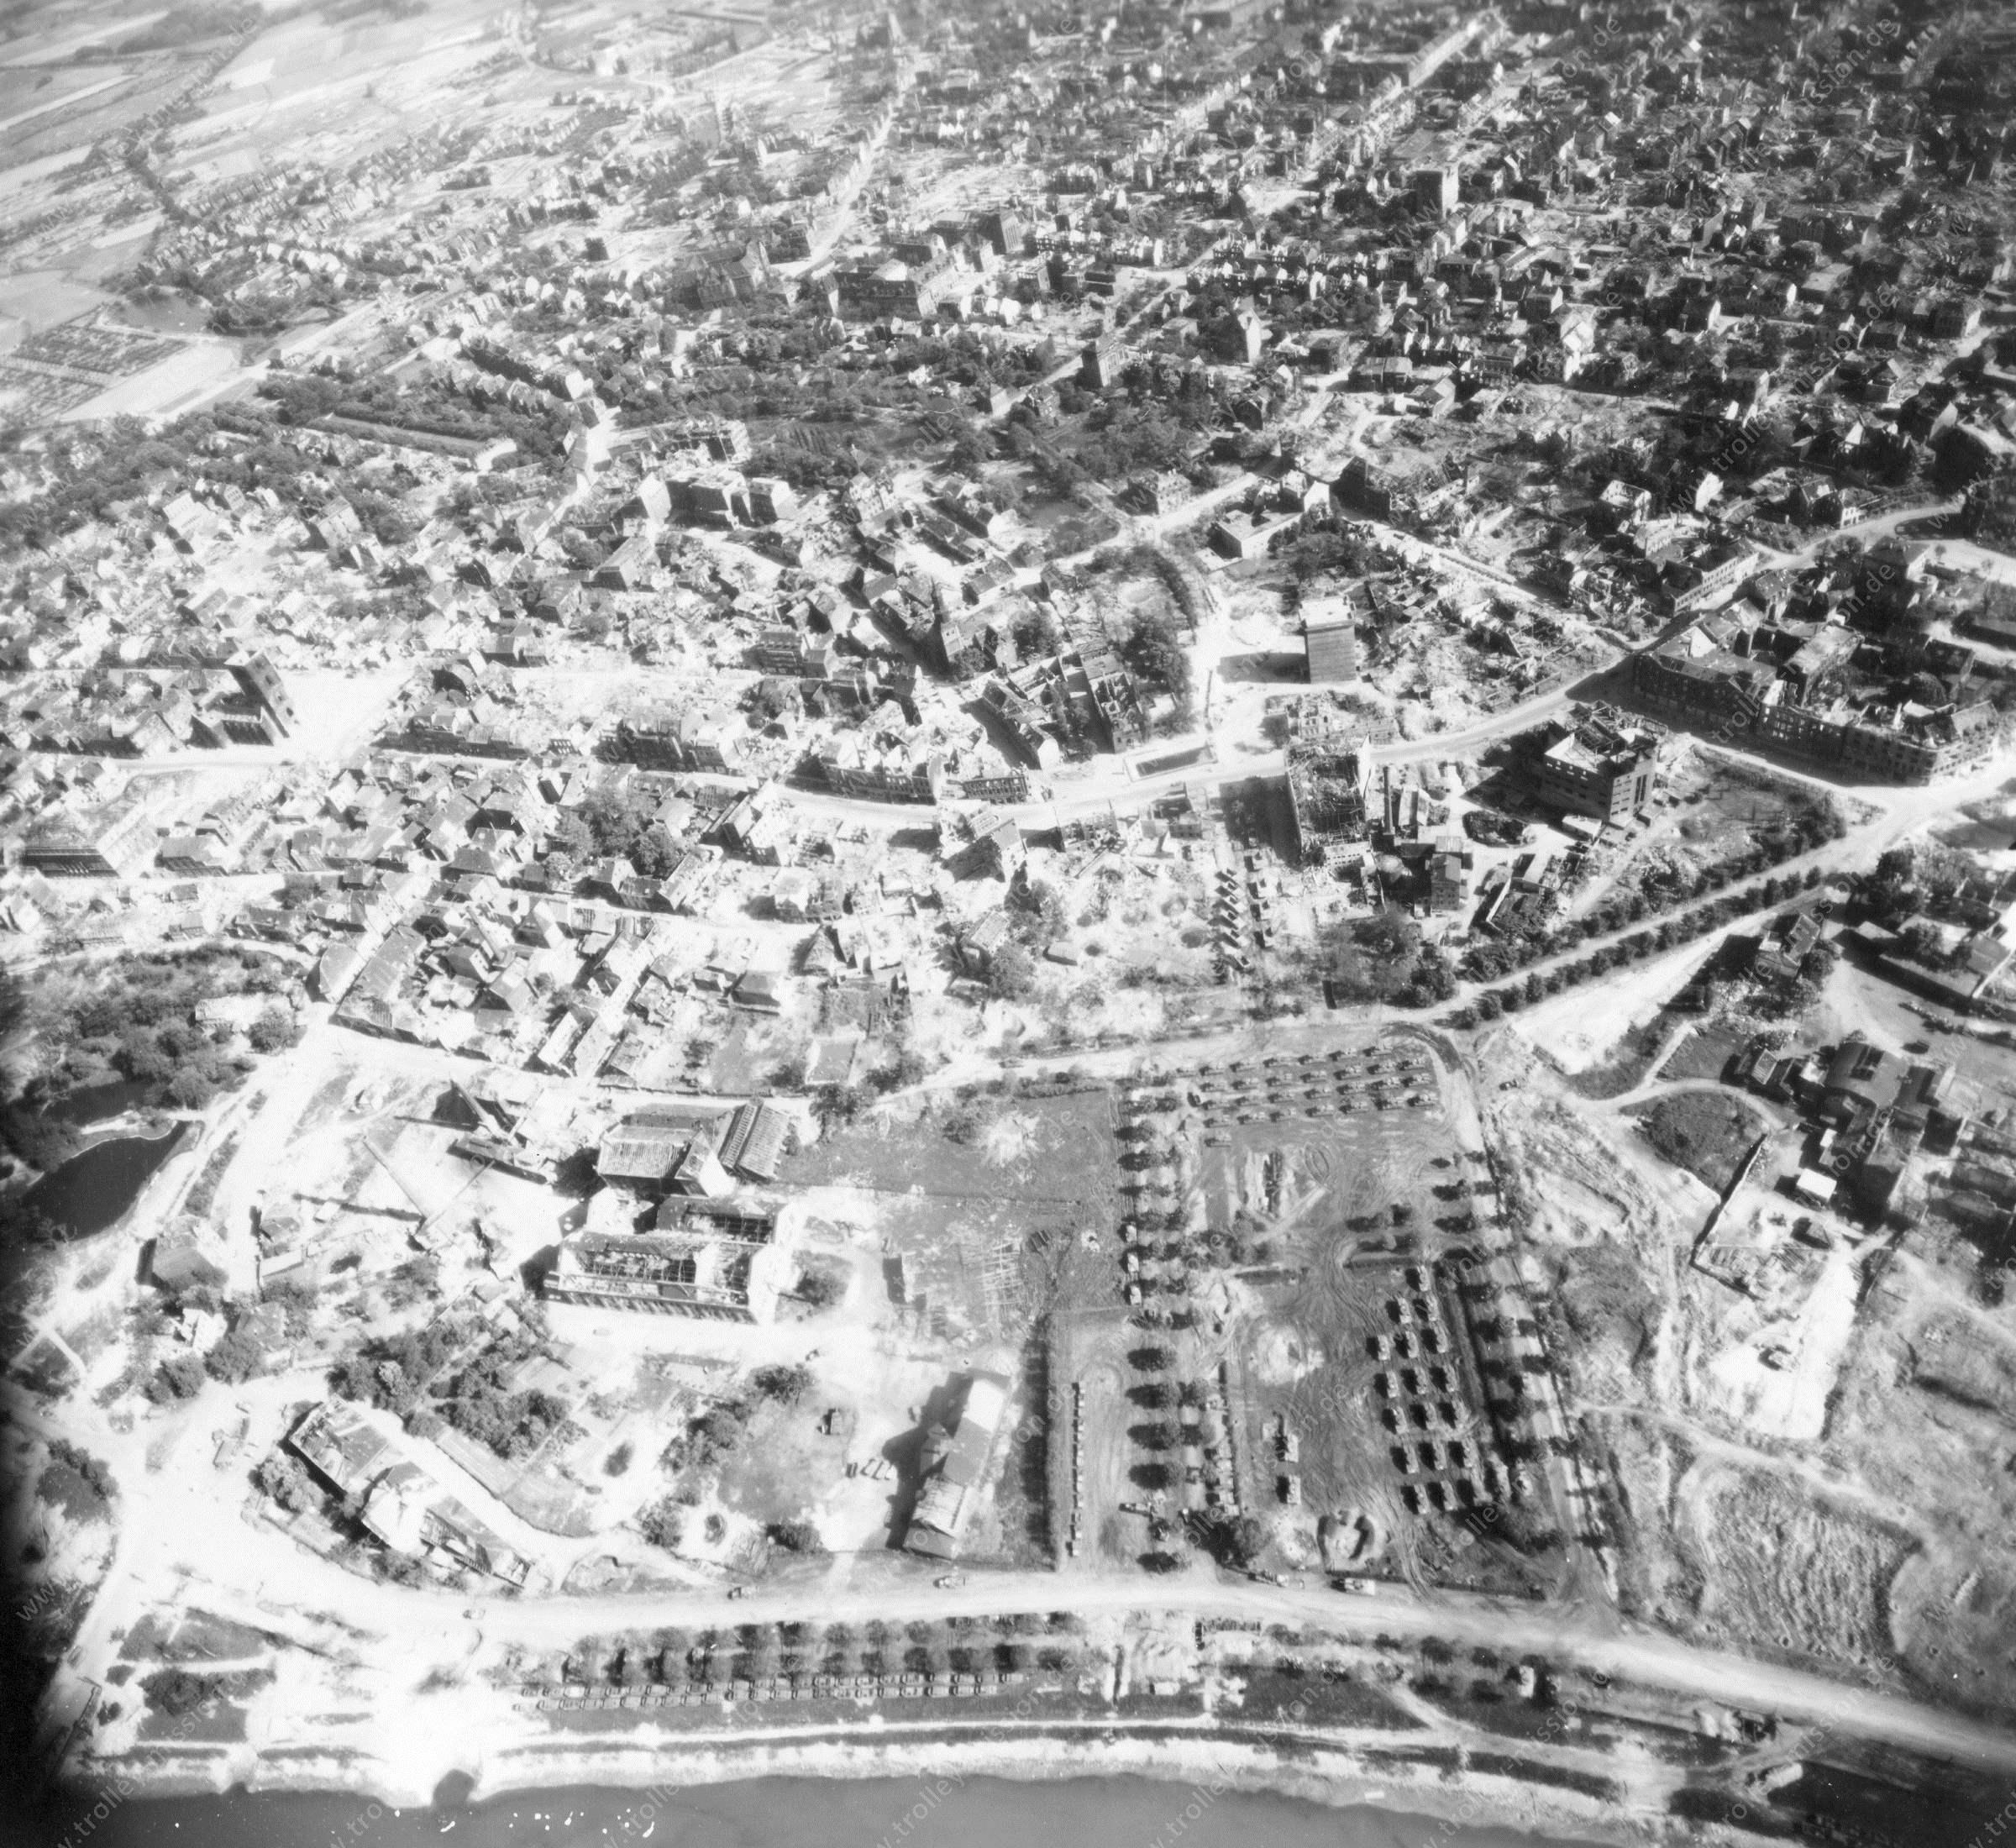 Luftbild von Hamm am 12. Mai 1945 - Luftbildserie 3/5 der US Air Force